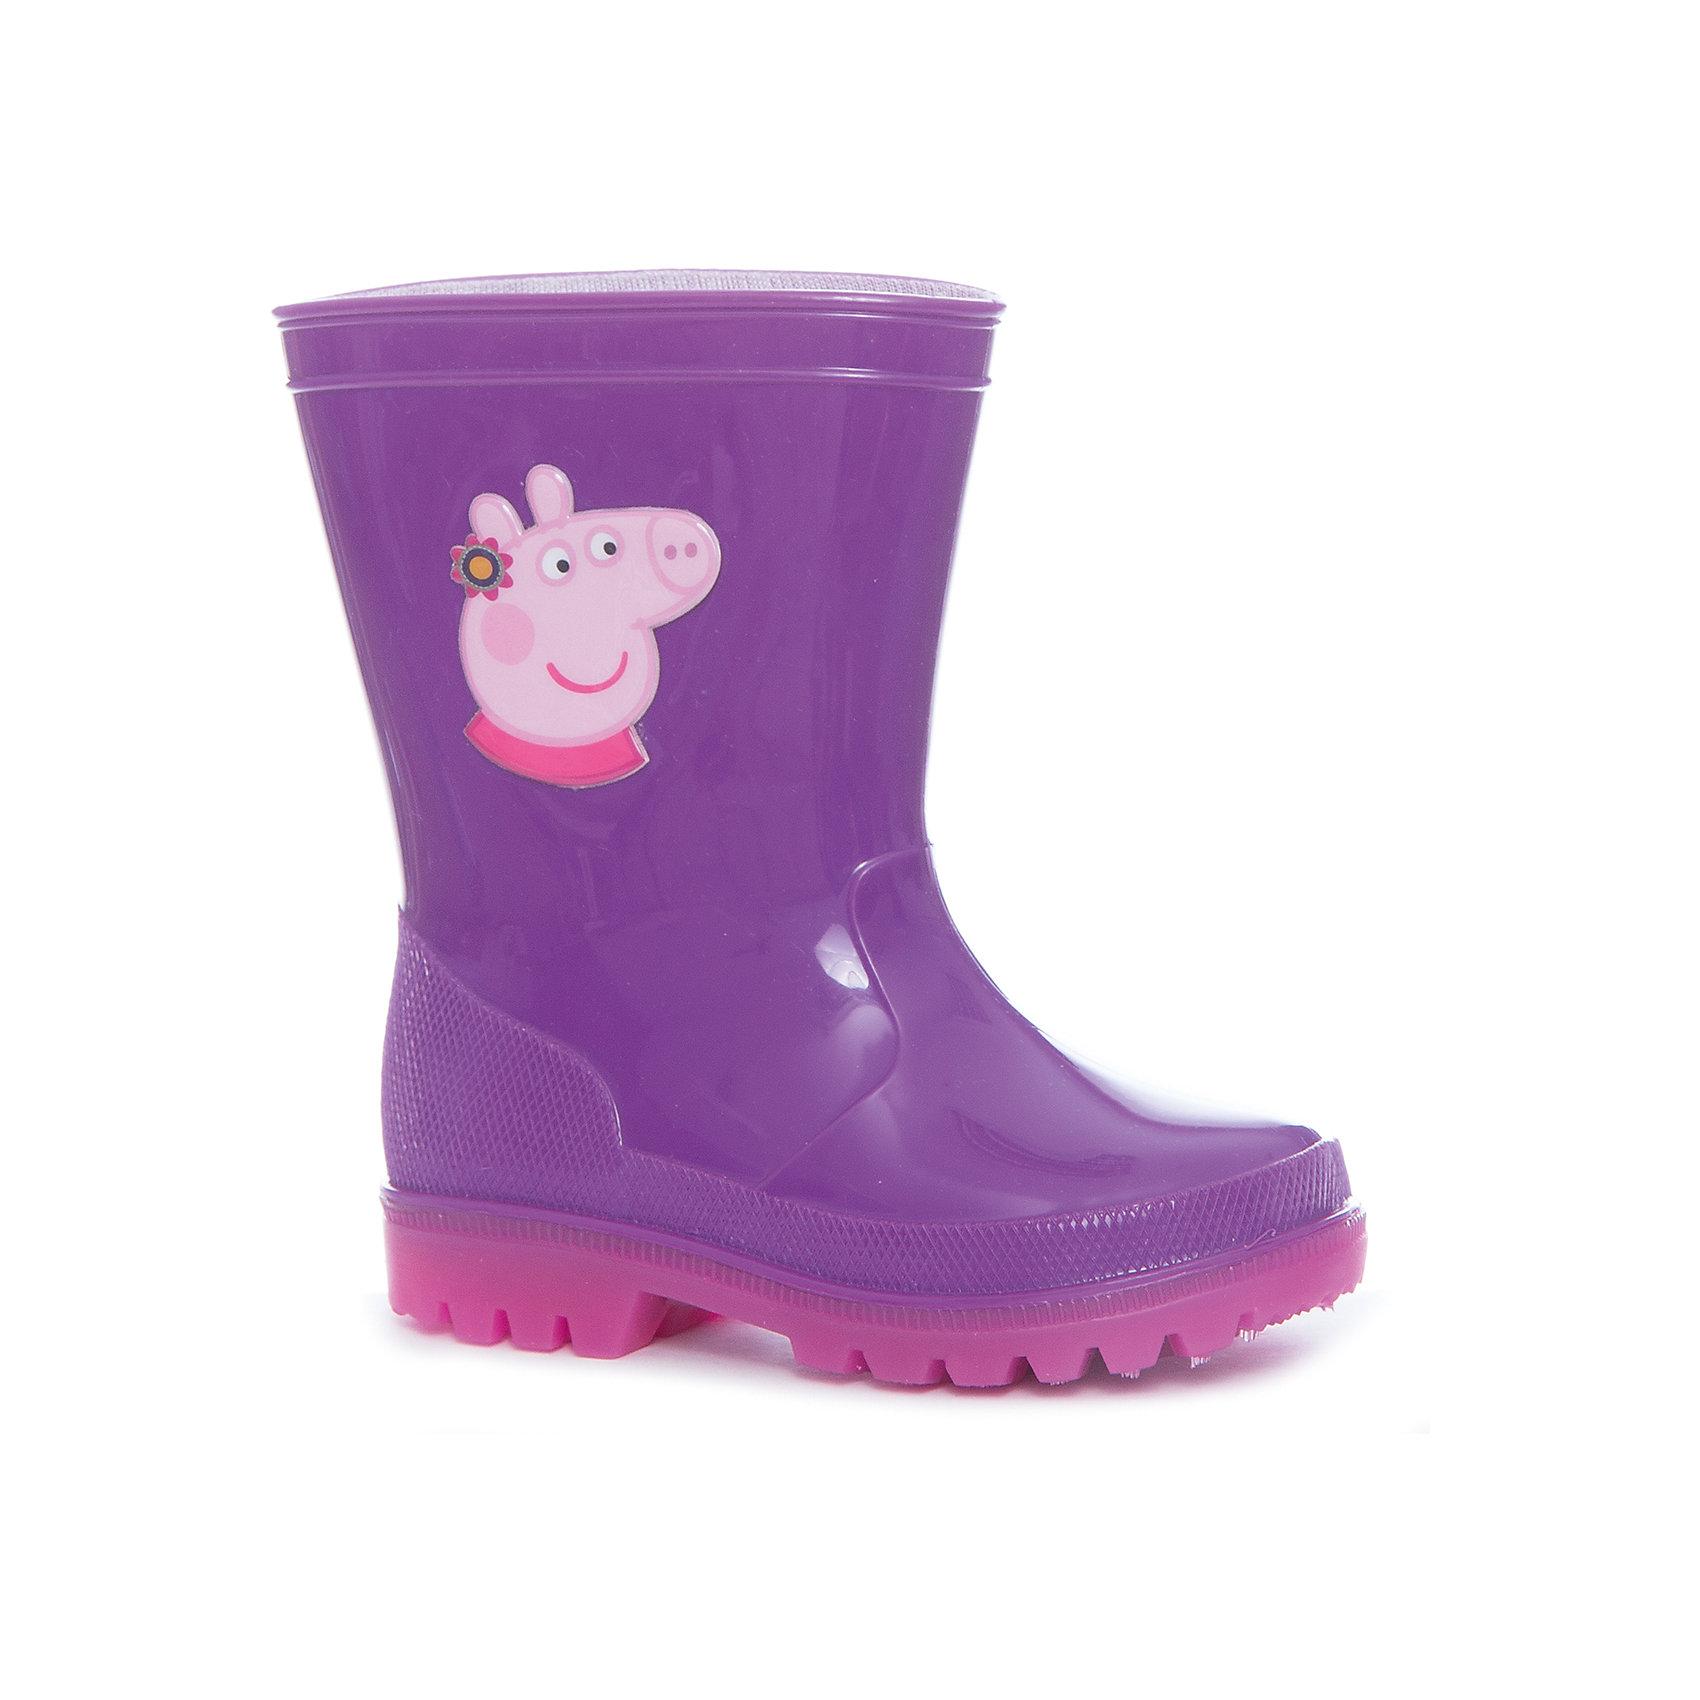 Резиновые сапоги Peppa Pig  для девочки KAKADU со светодиодами, сиреневыеРезиновые сапоги<br>Характеристики товара:<br><br>• цвет: сиреневый<br>• принт: Свинка Пеппа<br>• внешний материал обуви: ПВХ<br>• внутренний материал: текстиль, хлопок<br>• подошва: рефленая, со светодиодами<br>• вид обуви: непромокаемая<br>• сезон: весна-лето<br>• температурный режим: от +10°до +20°С<br>• страна бренда: Россия<br>• страна изготовитель: Китай<br><br>Светящиеся резиновые сапоги для девочек Peppa Pig выполнены из прочного непромокаемого материала. <br><br>Подкладка и стельки из натурального гипоаллергенного хлопка создают благоприятный микроклимат внутри обуви. <br><br>Светящиеся резиновые сапоги для девочки Свинка Пеппа украшены красочным изображением любимой мультгероини. Светодиоды работают от встроенного одноразового аккумулятора, работы которого хватит примерно на полгода активной ежедневной носки.<br><br>Резиновые сапоги Peppa Pig  для девочки KAKADU со светодиодами, сиреневые можно купить в нашем интернет-магазине.<br><br>Ширина мм: 257<br>Глубина мм: 180<br>Высота мм: 130<br>Вес г: 420<br>Цвет: лиловый<br>Возраст от месяцев: 72<br>Возраст до месяцев: 84<br>Пол: Женский<br>Возраст: Детский<br>Размер: 30,24,25,26,27,28,29<br>SKU: 5386613